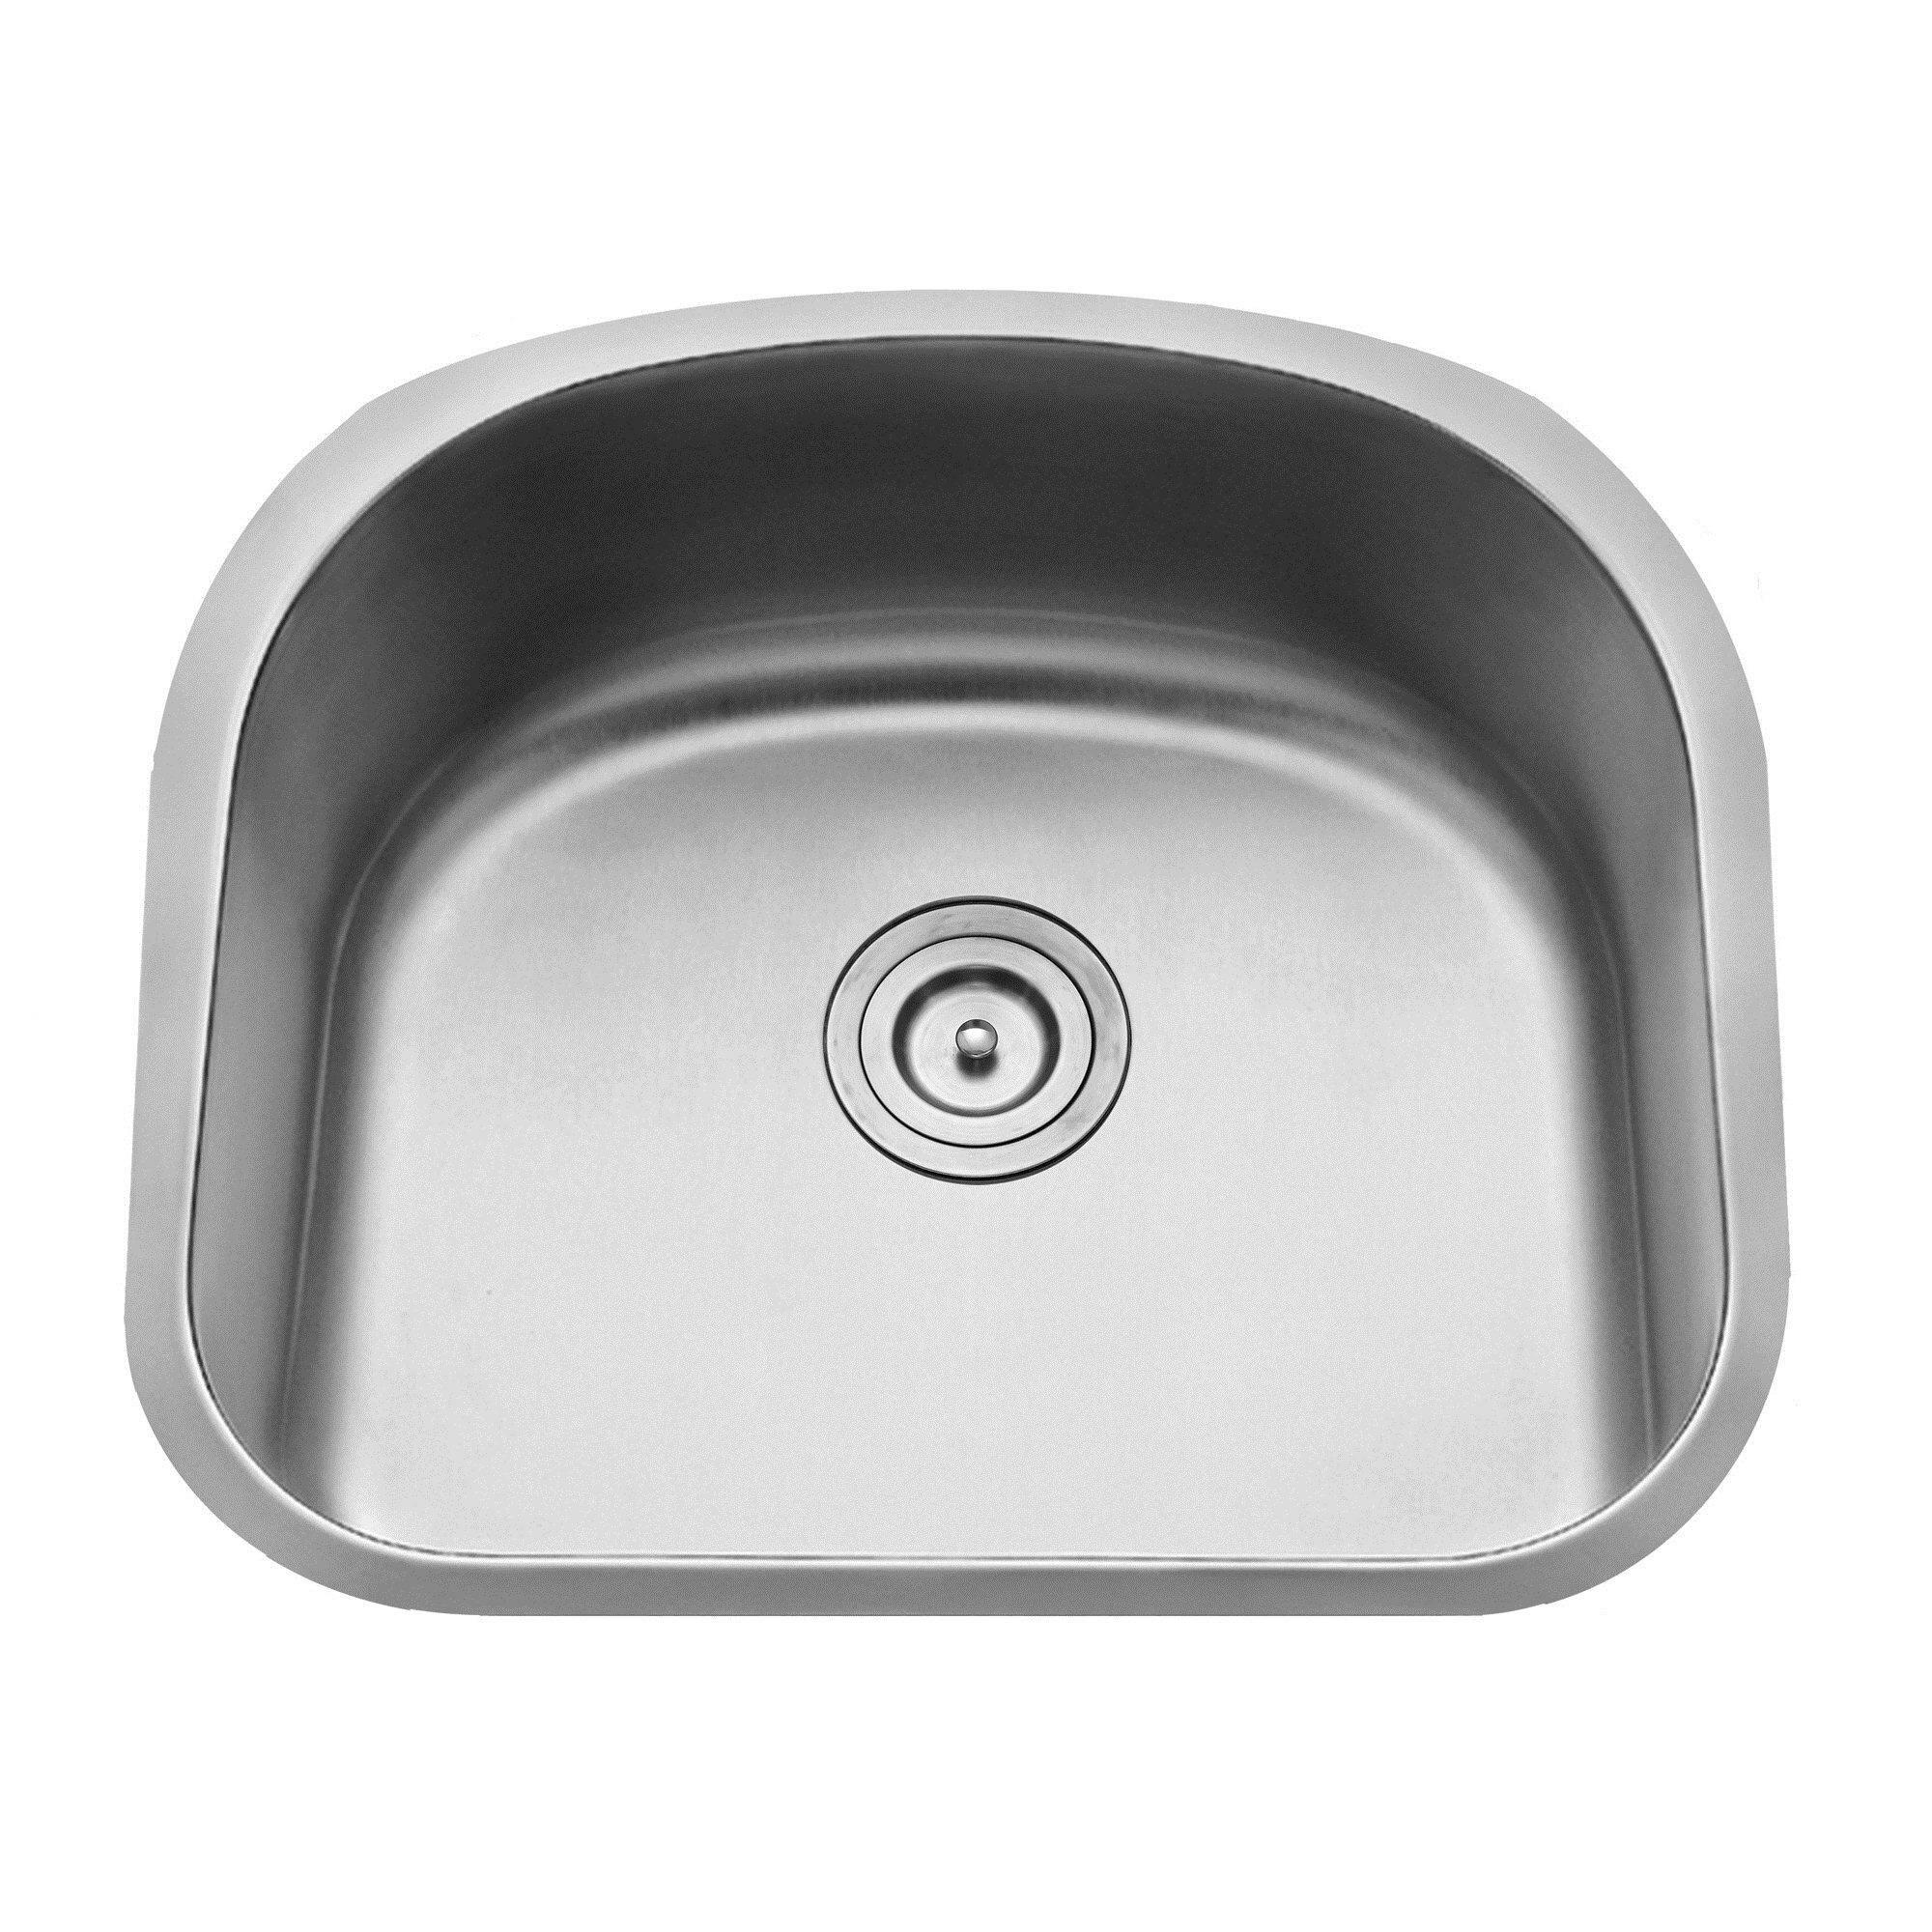 Kraus 23 Undermount Sink : Kraus 23.25